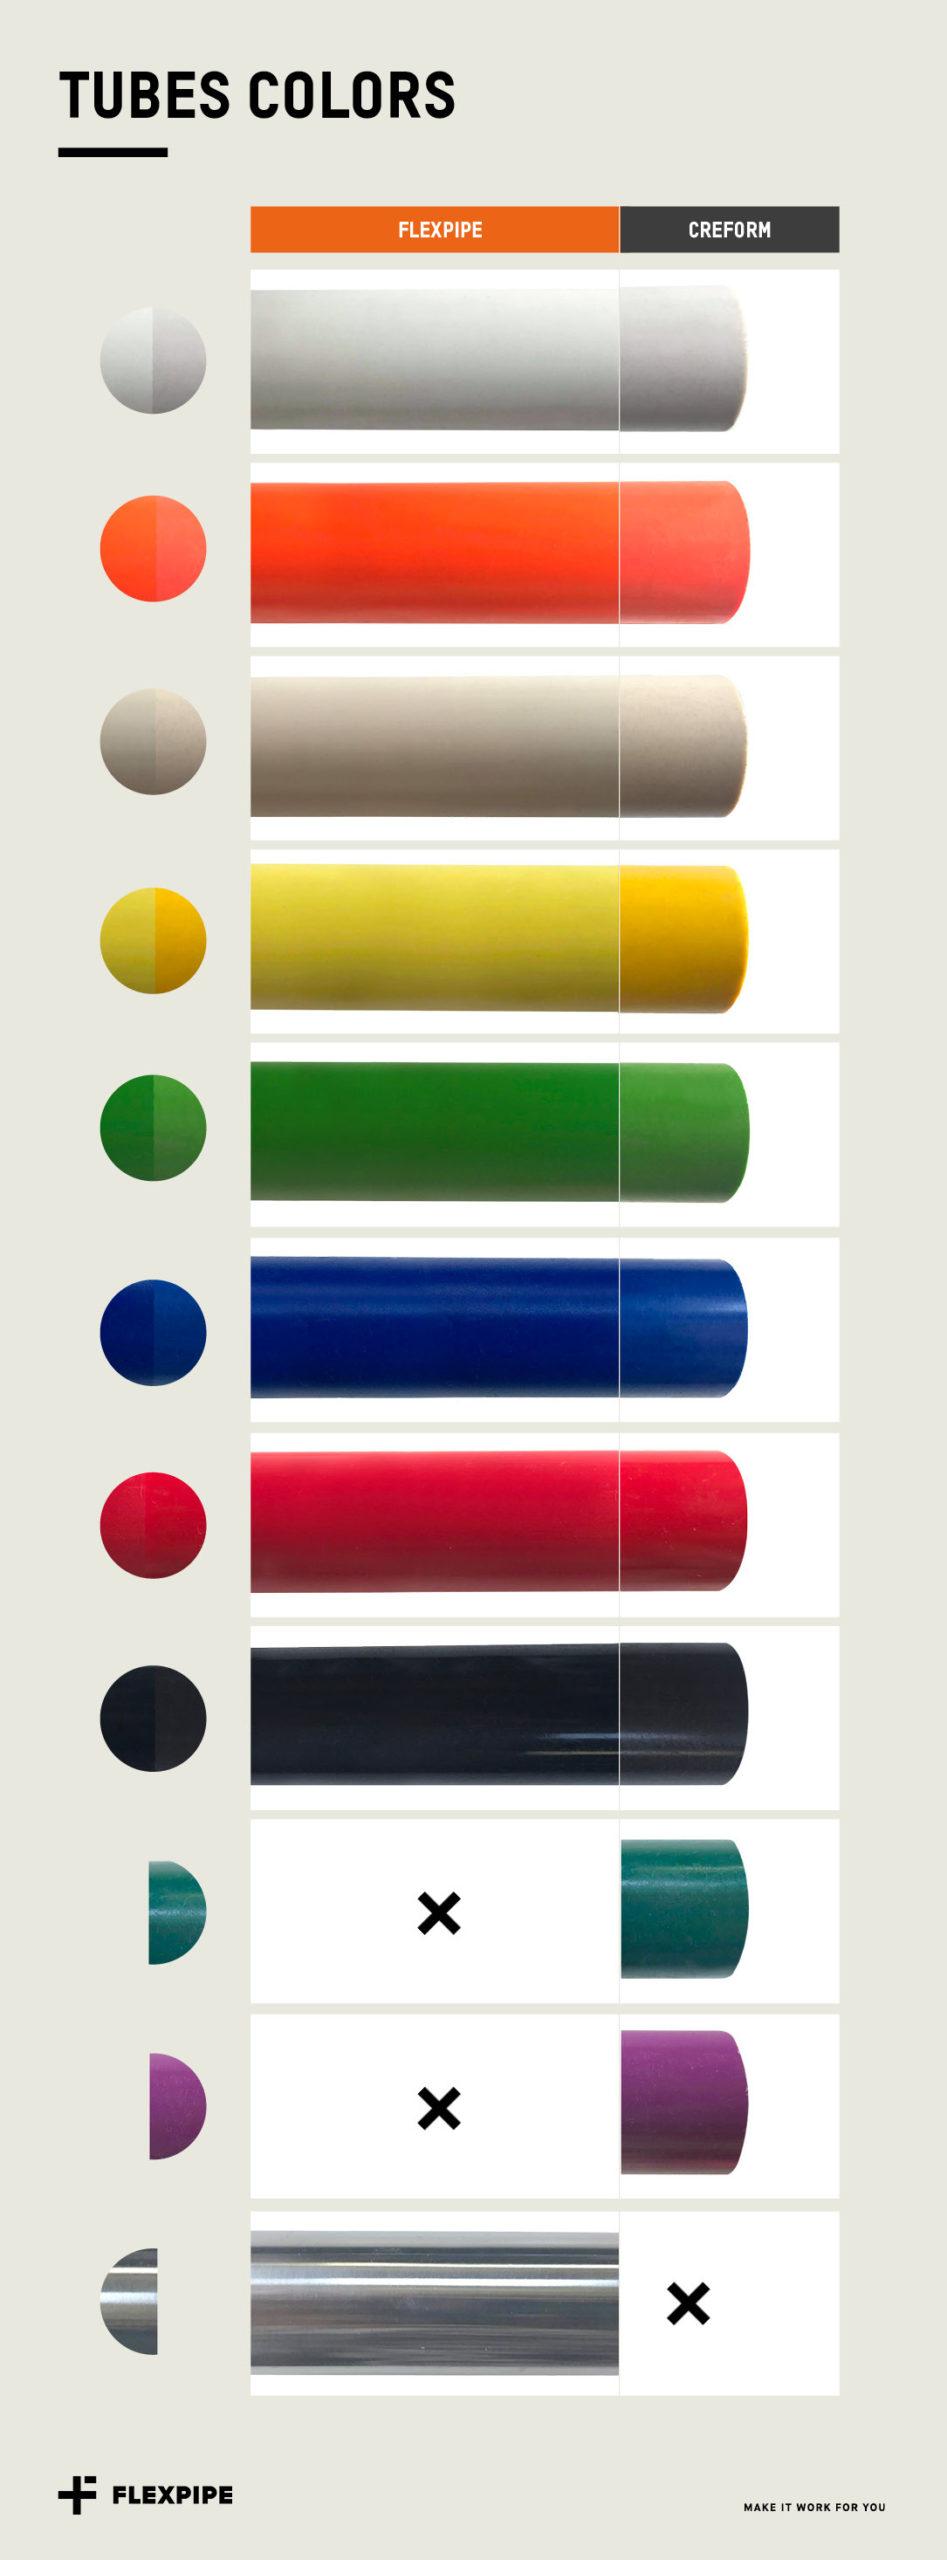 Creform alternative - Flexpipe vs Creform tubes colors comparison